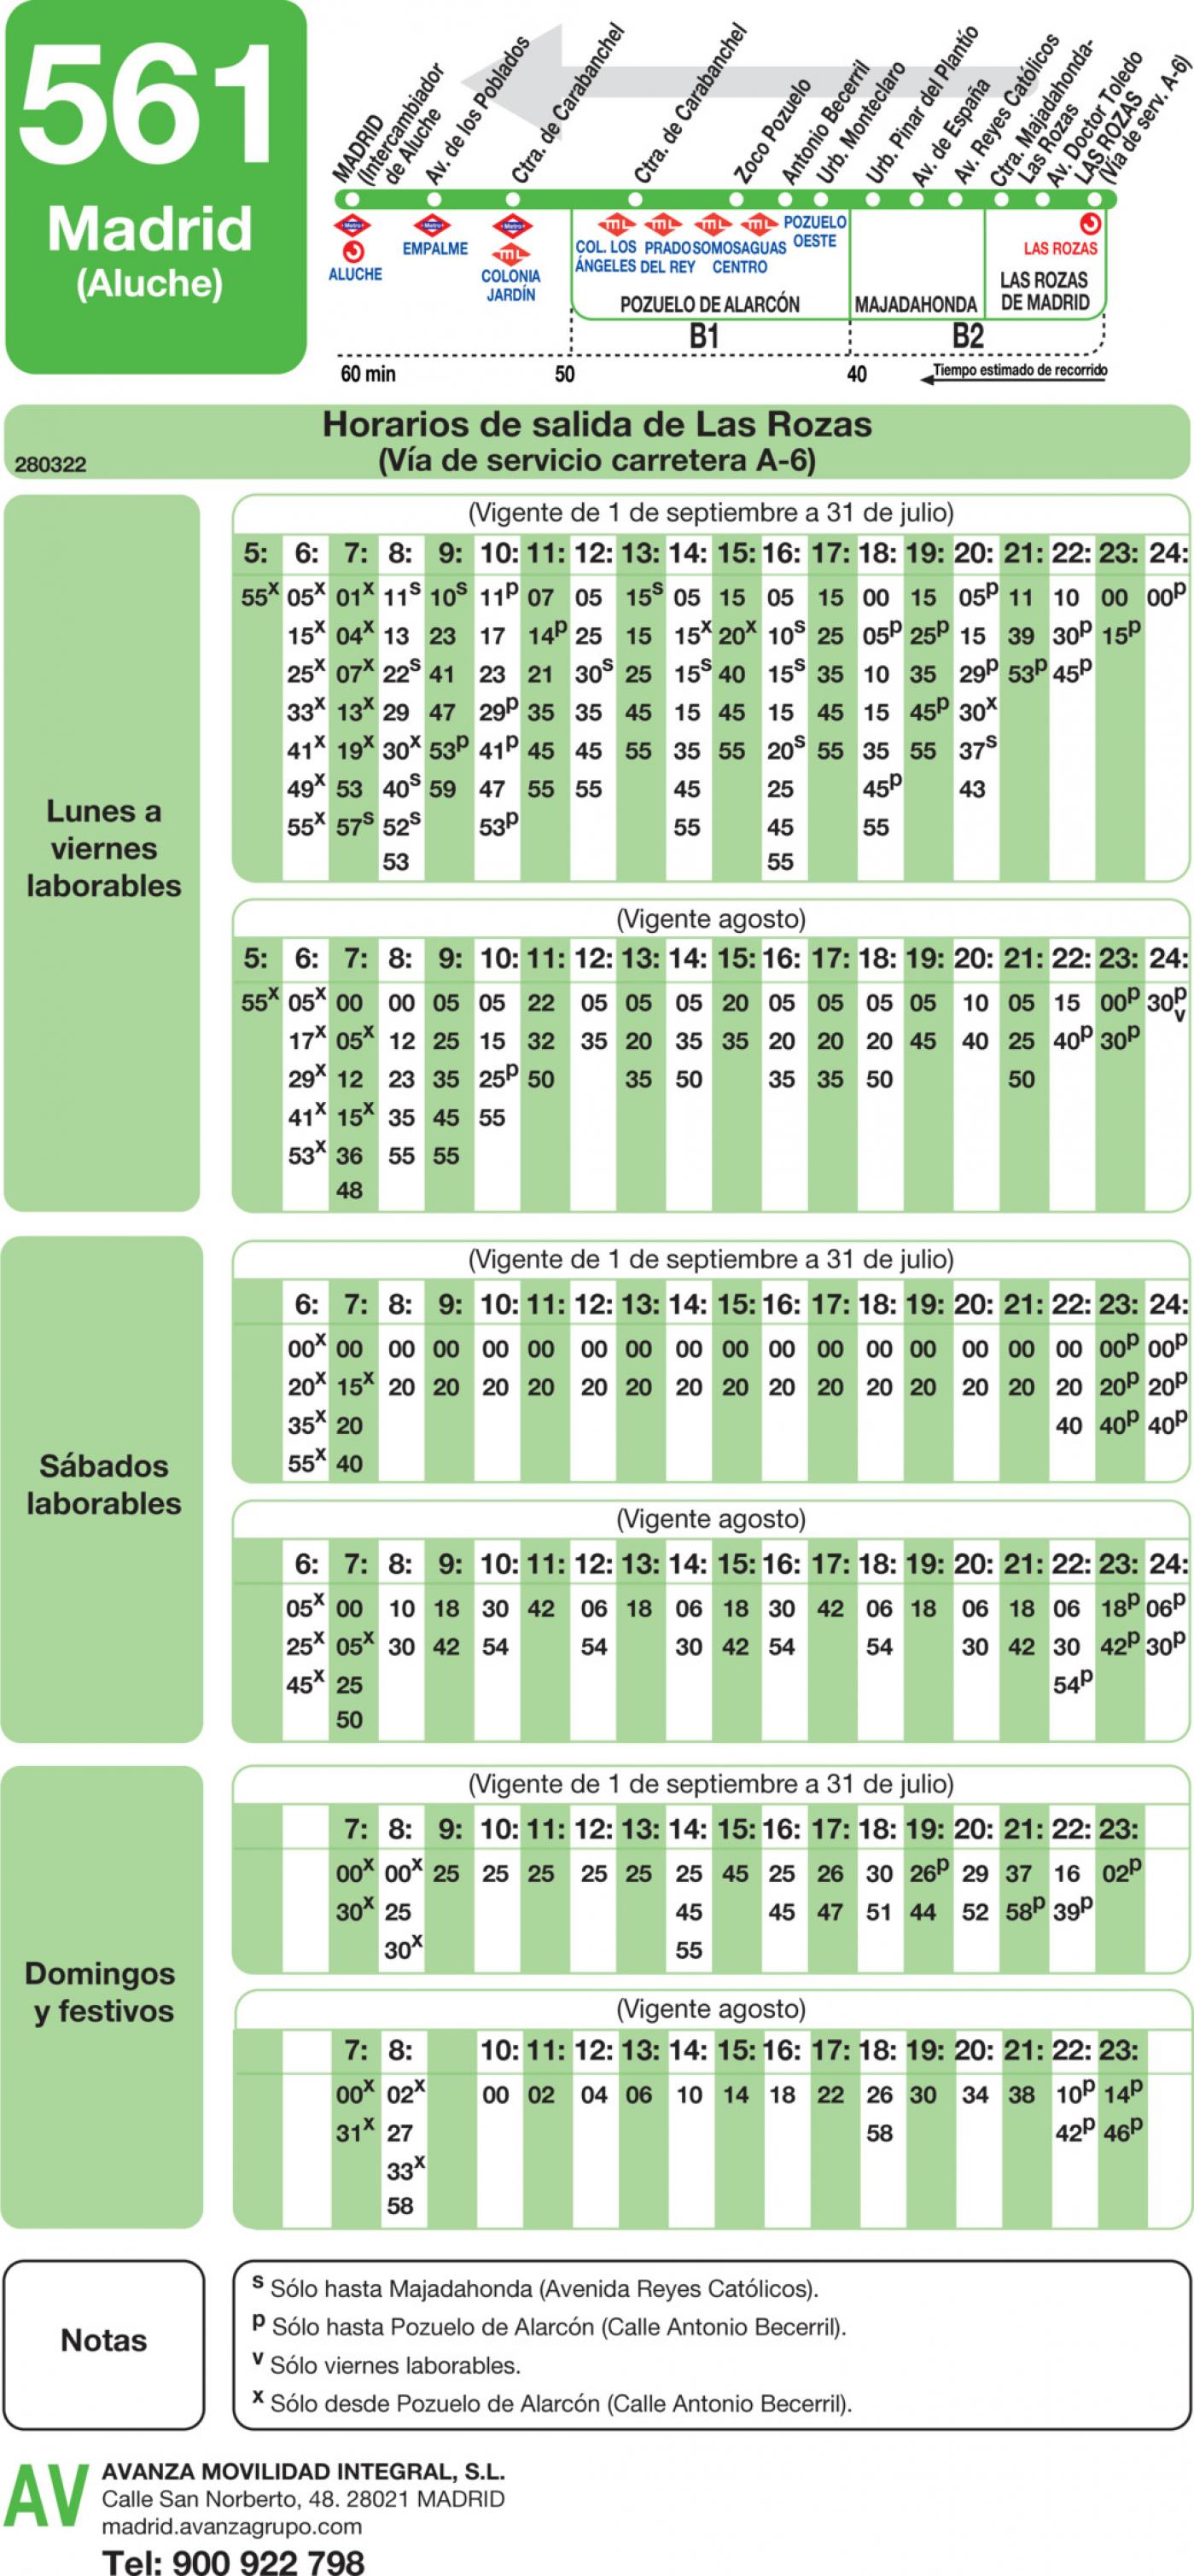 Tabla de horarios y frecuencias de paso en sentido vuelta Línea 561: Madrid (Aluche) - Pozuelo - Majadahonda - Las Rozas